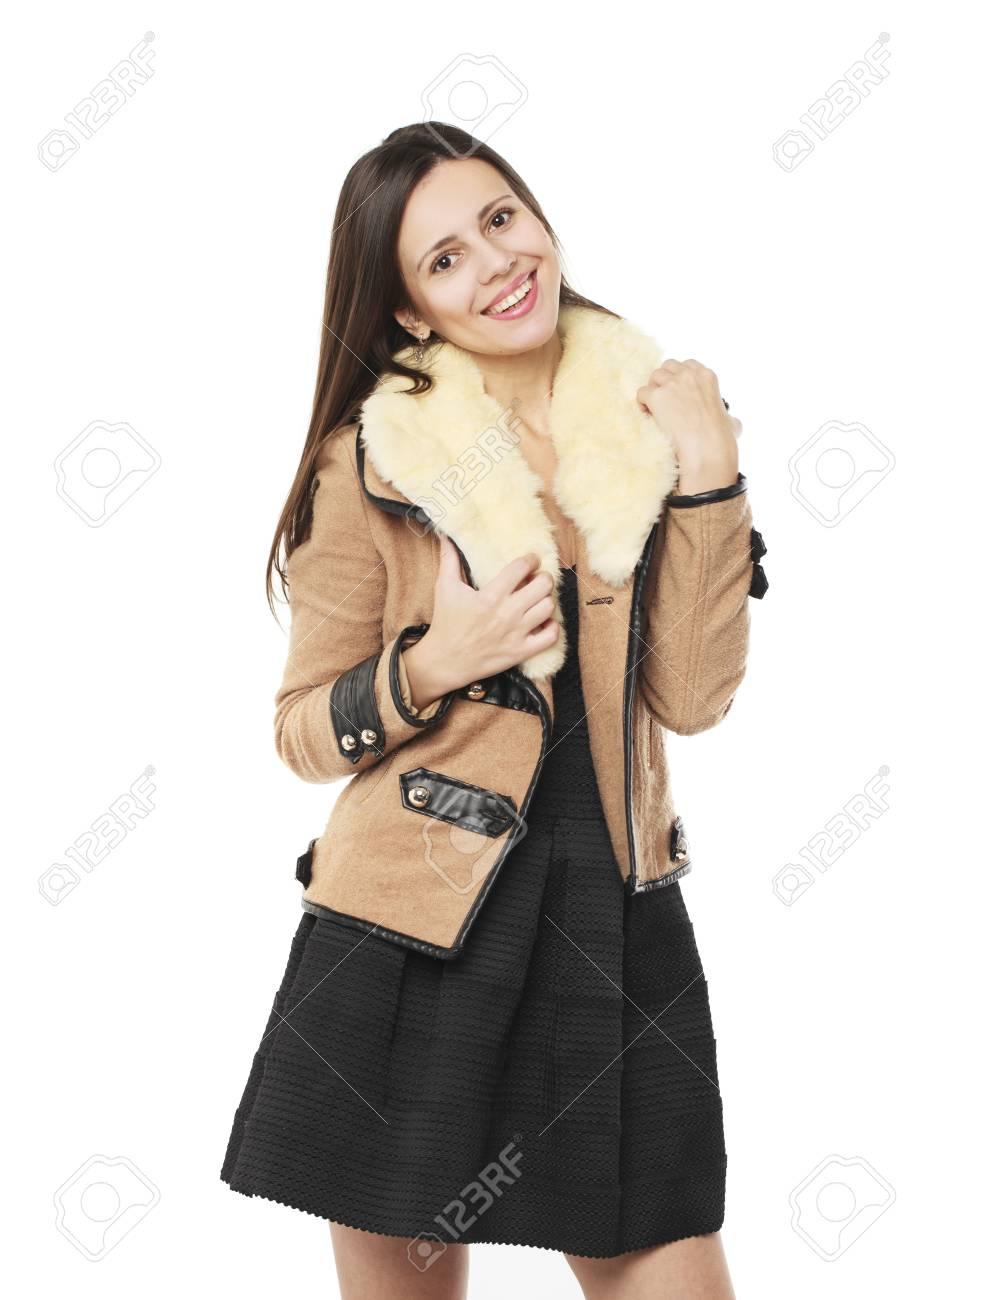 Jeune belle femme brune en élégant manteau beige en peau de mouton, isolé sur fond blanc